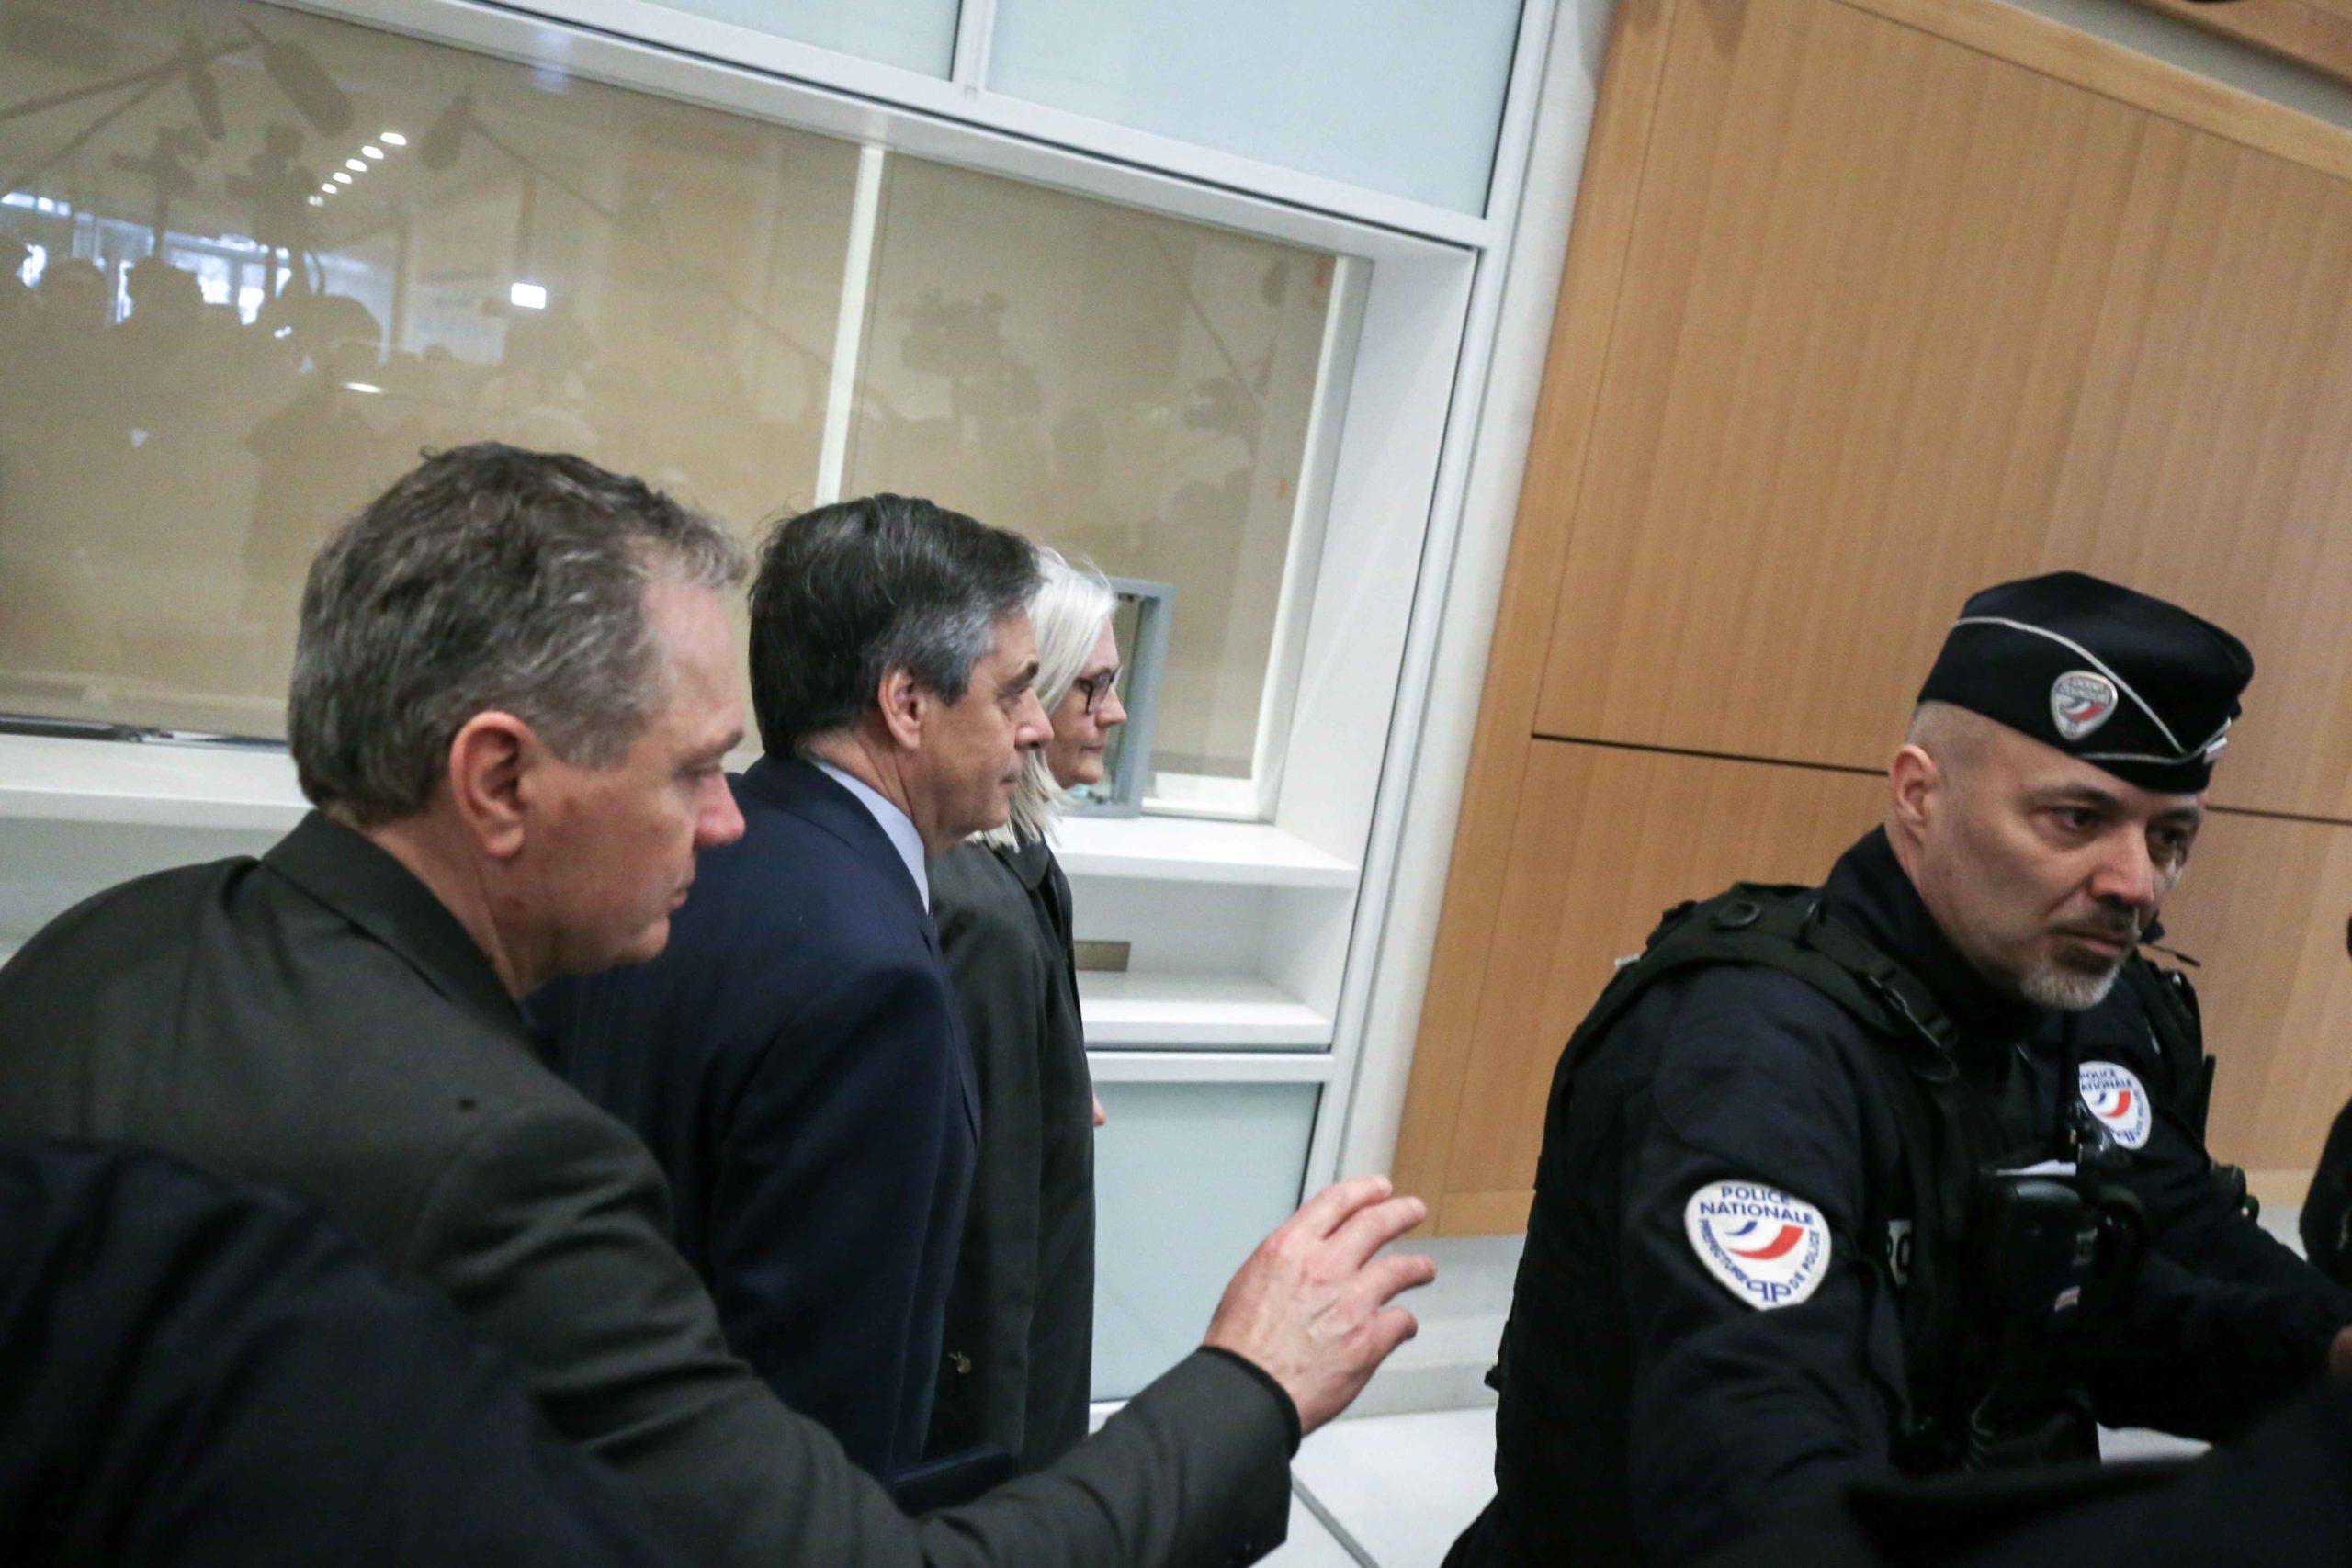 François et Pénélope Fillon arrivent au tribunal. © Michel Stoupak. Mer 26.02.2020, 13:15:01.